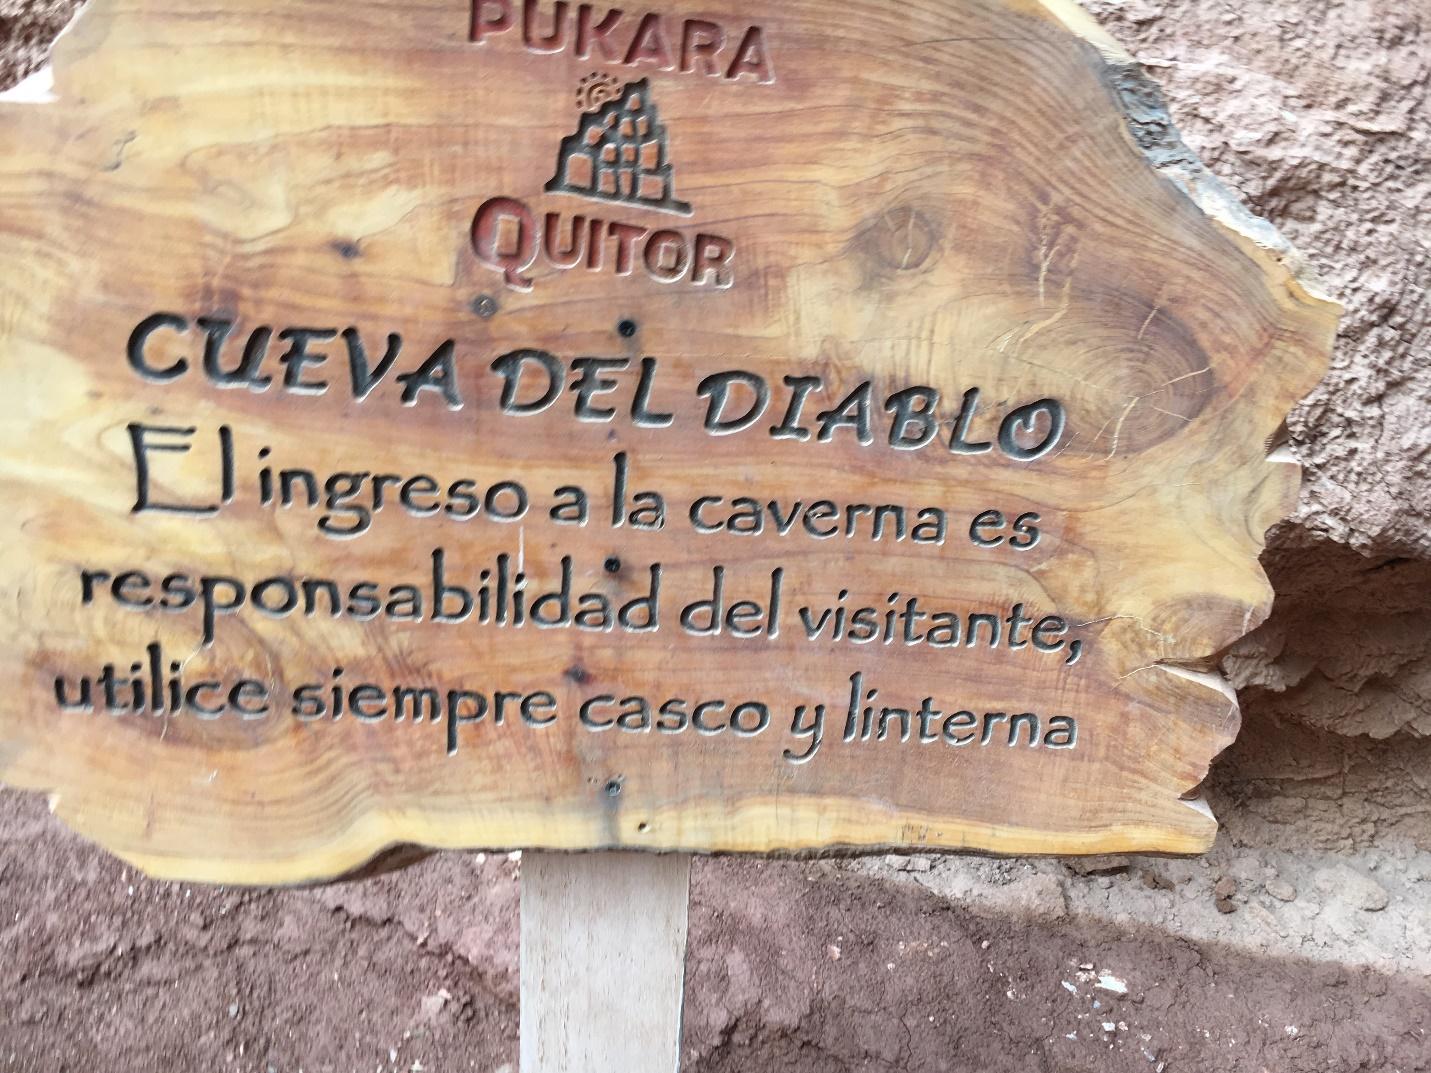 Pukara Quitor